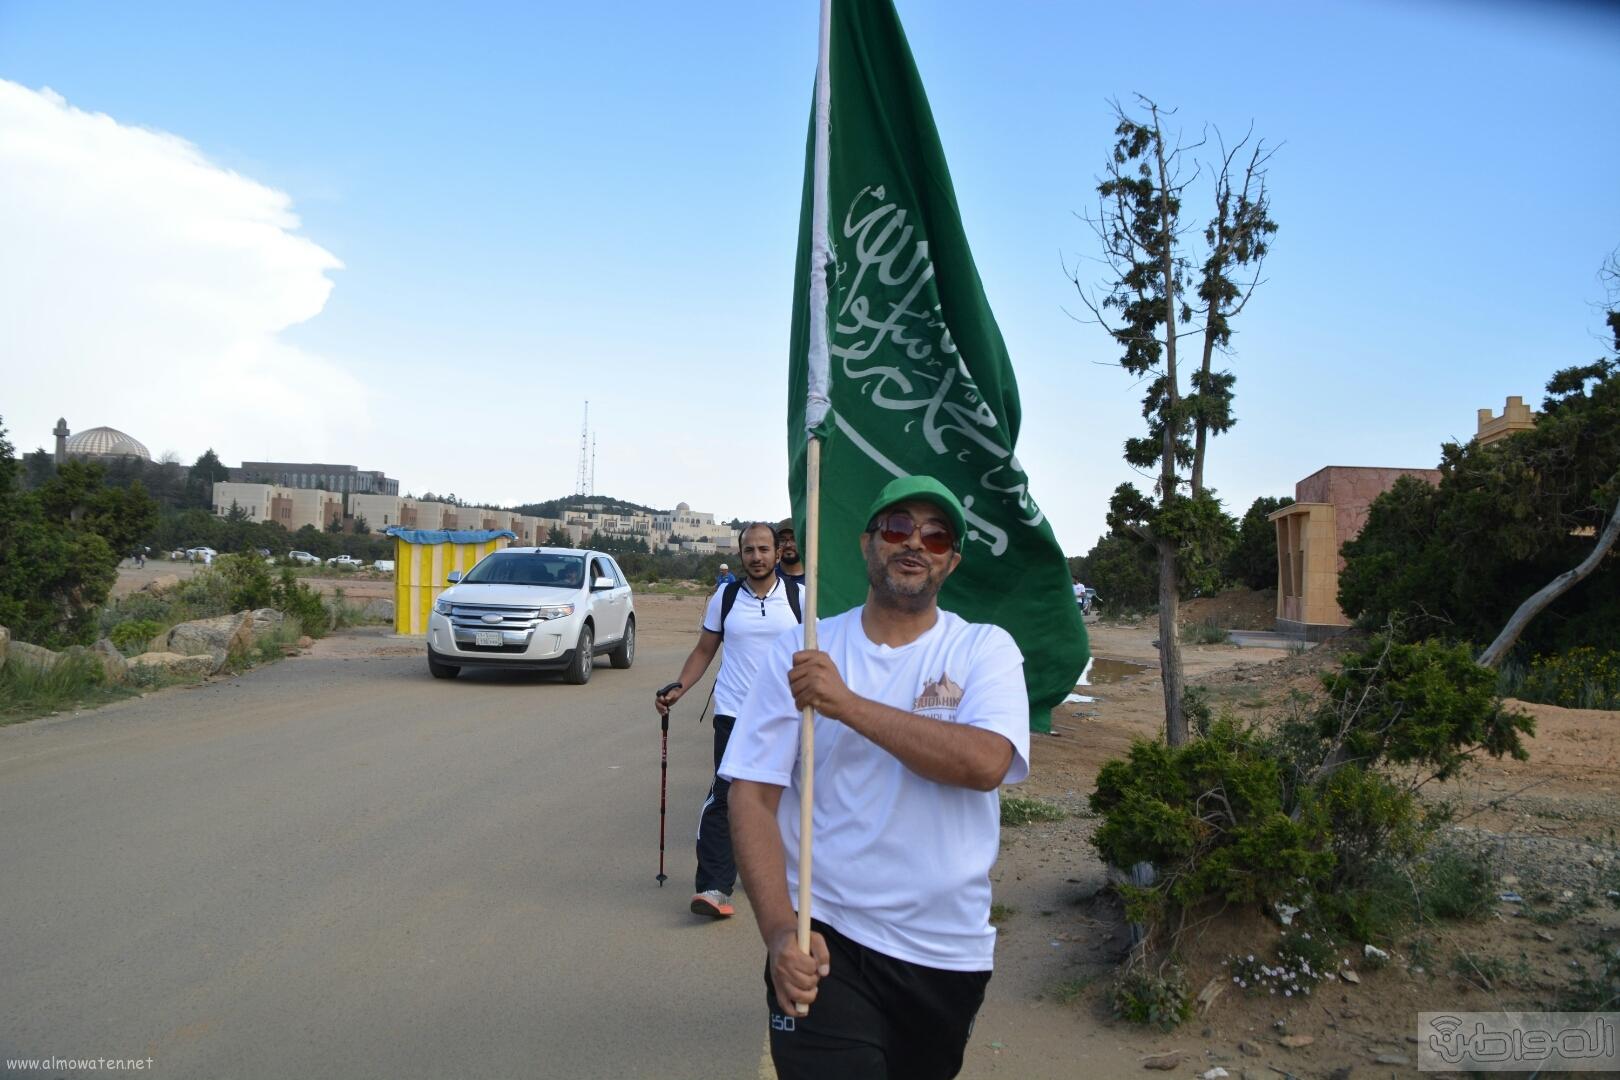 رفع علم السعودية في اعلى قمةعن طريق فريق هايكنج السعودية (1)